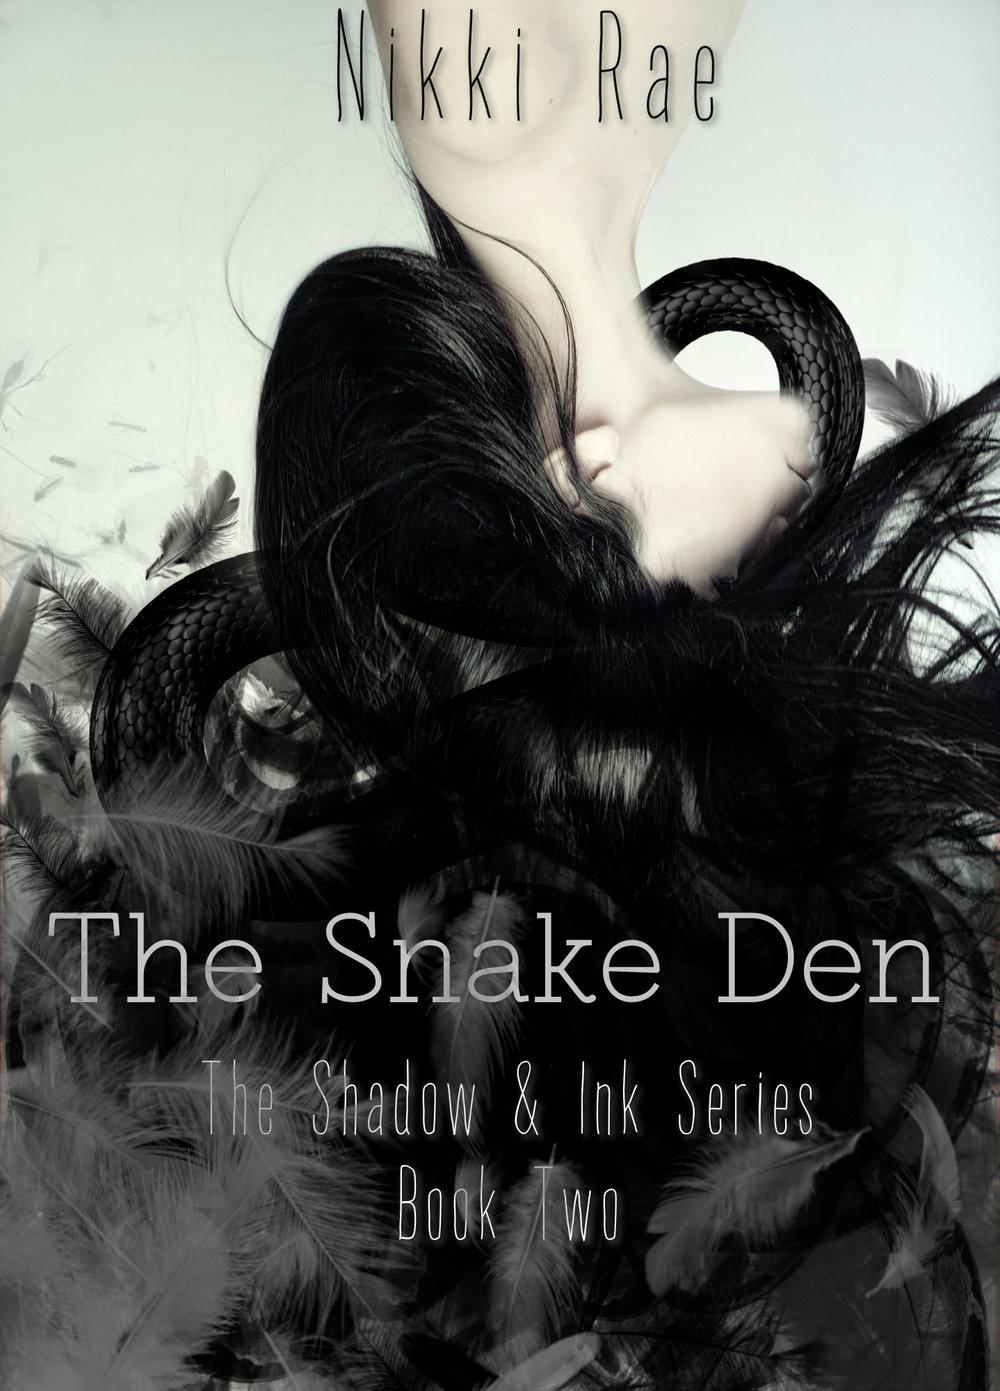 snake den cover white feathers snake not face.jpg